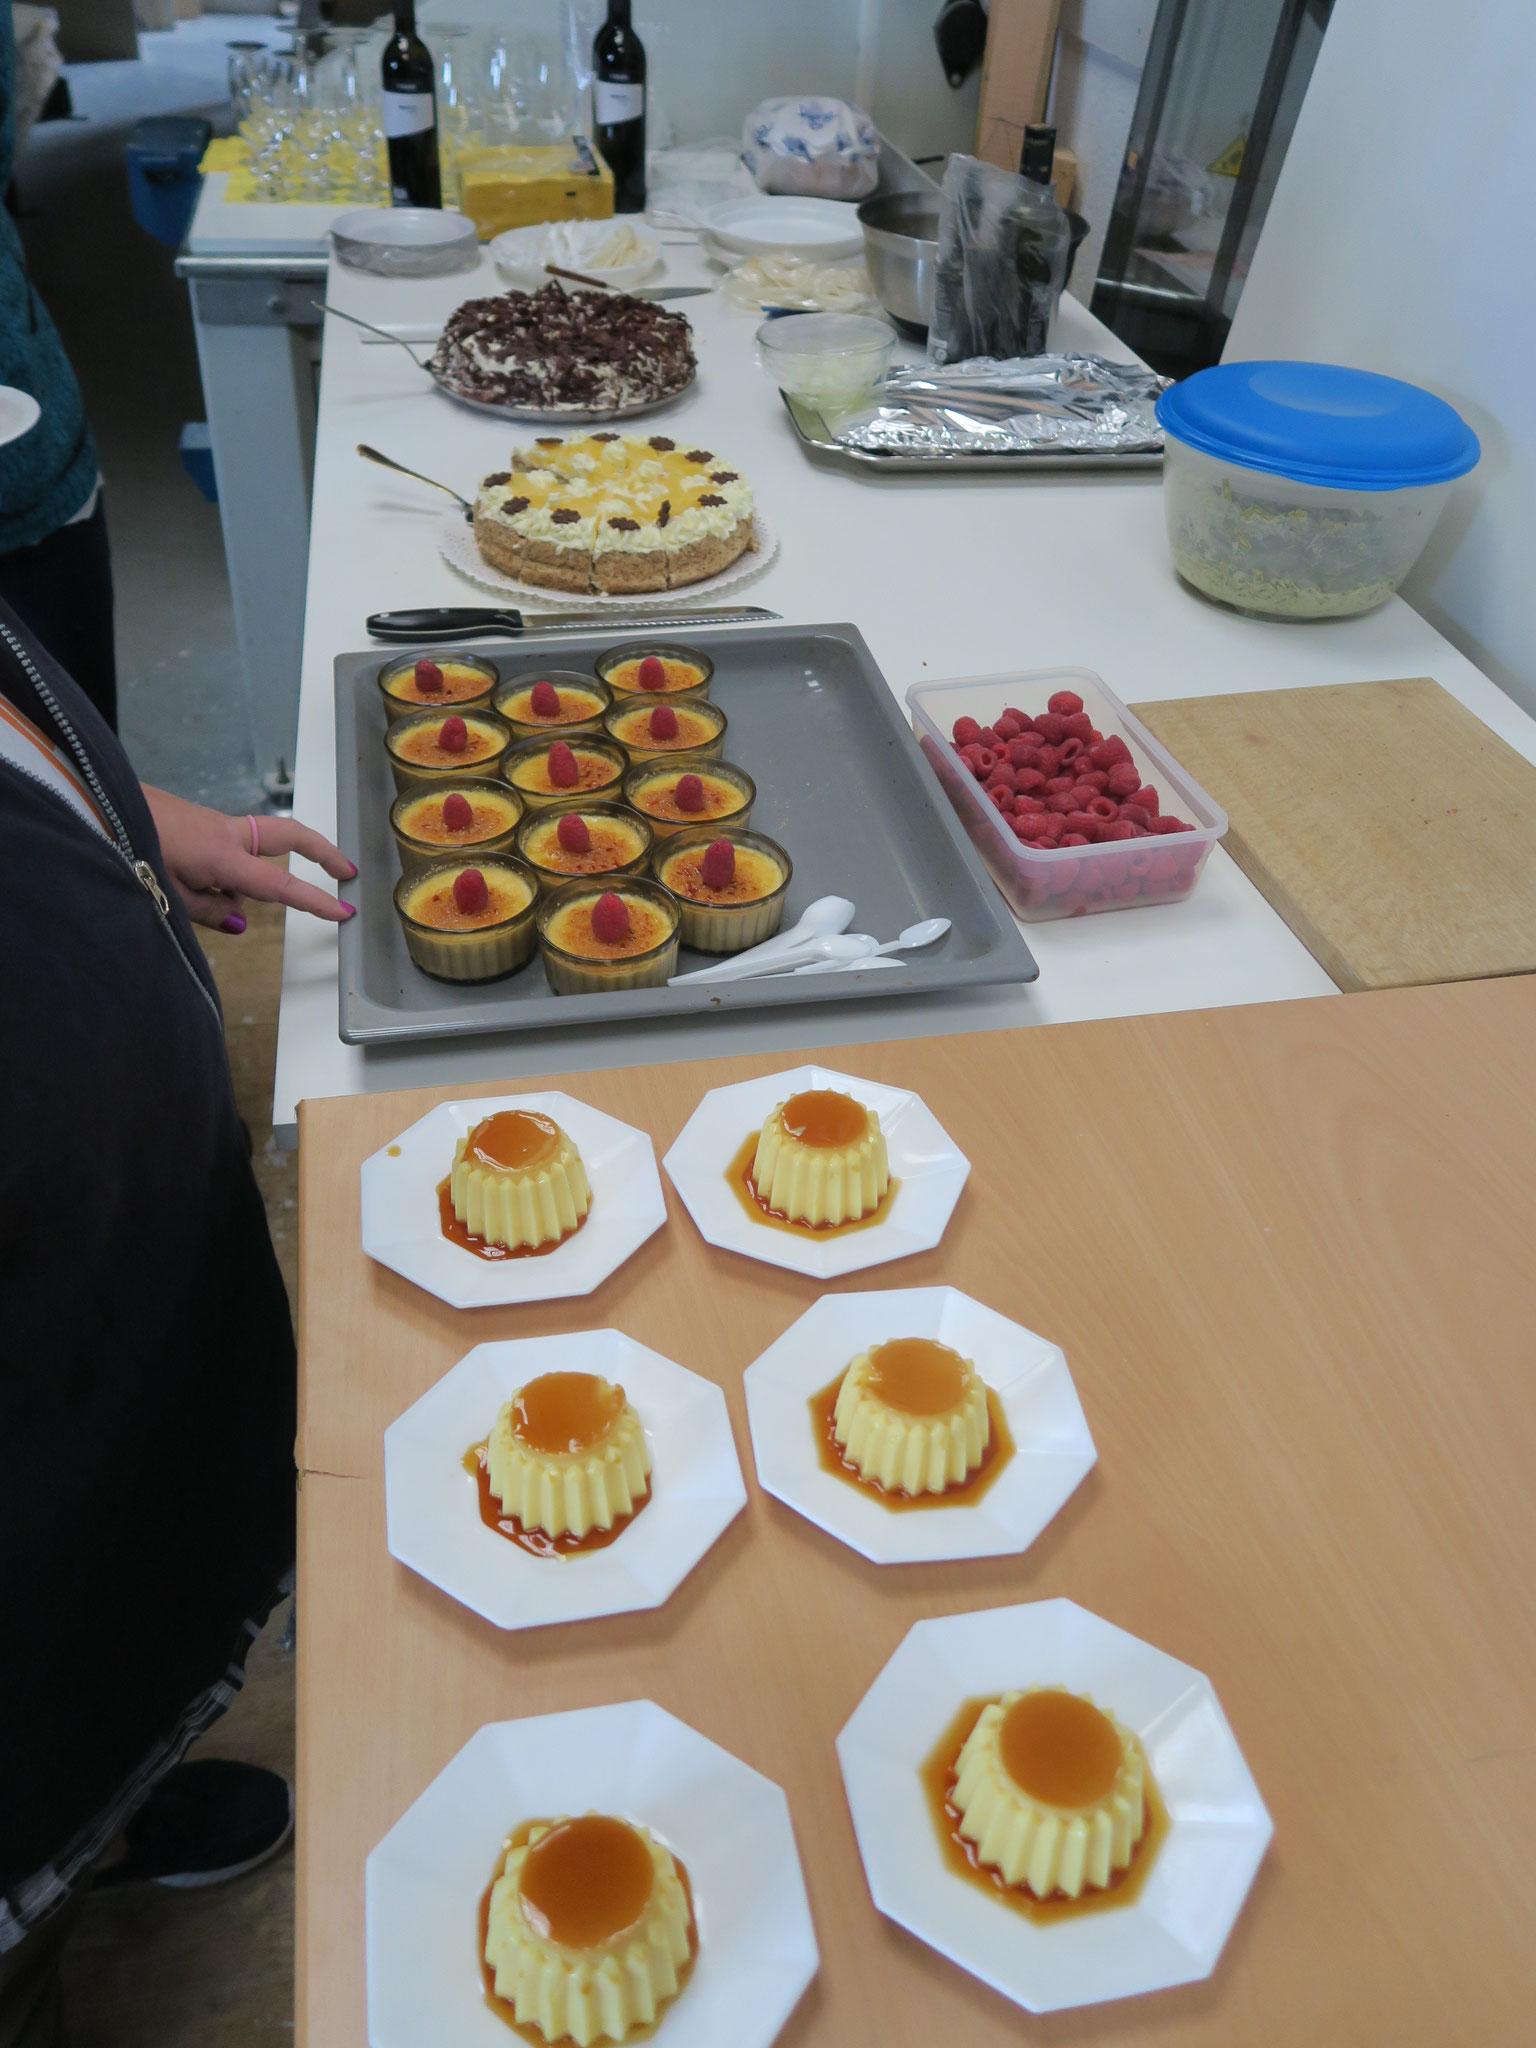 Das Dessertbuffet am Schluss der Veranstaltung